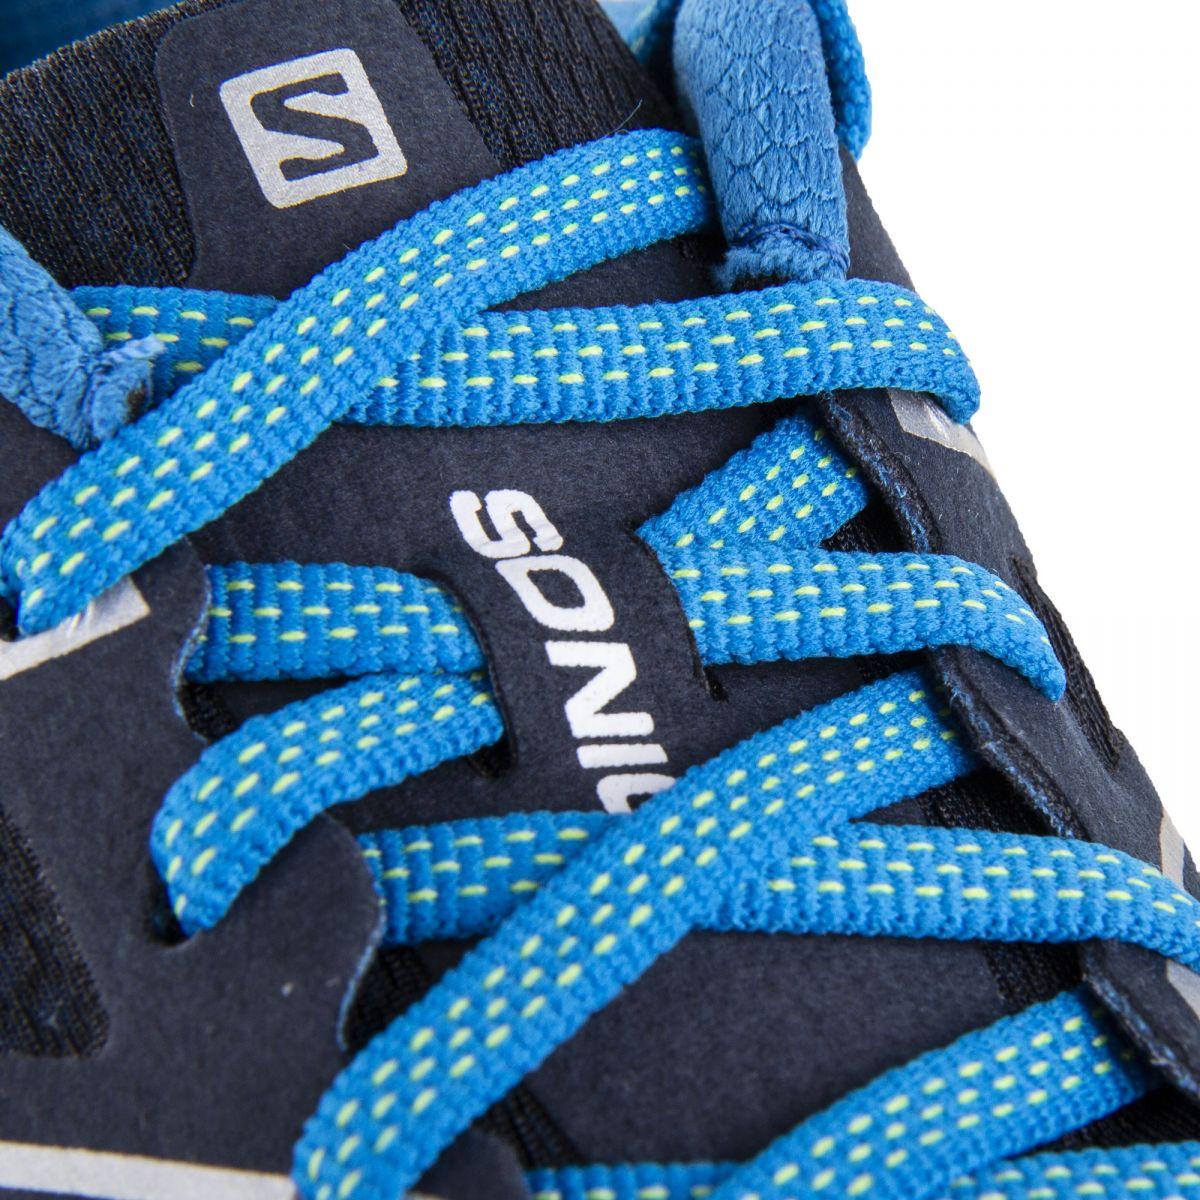 f0e69a28dd17 ... Baskets running bleues Ortholite Homme SALOMON marque pas cher prix  dégriffés destockage